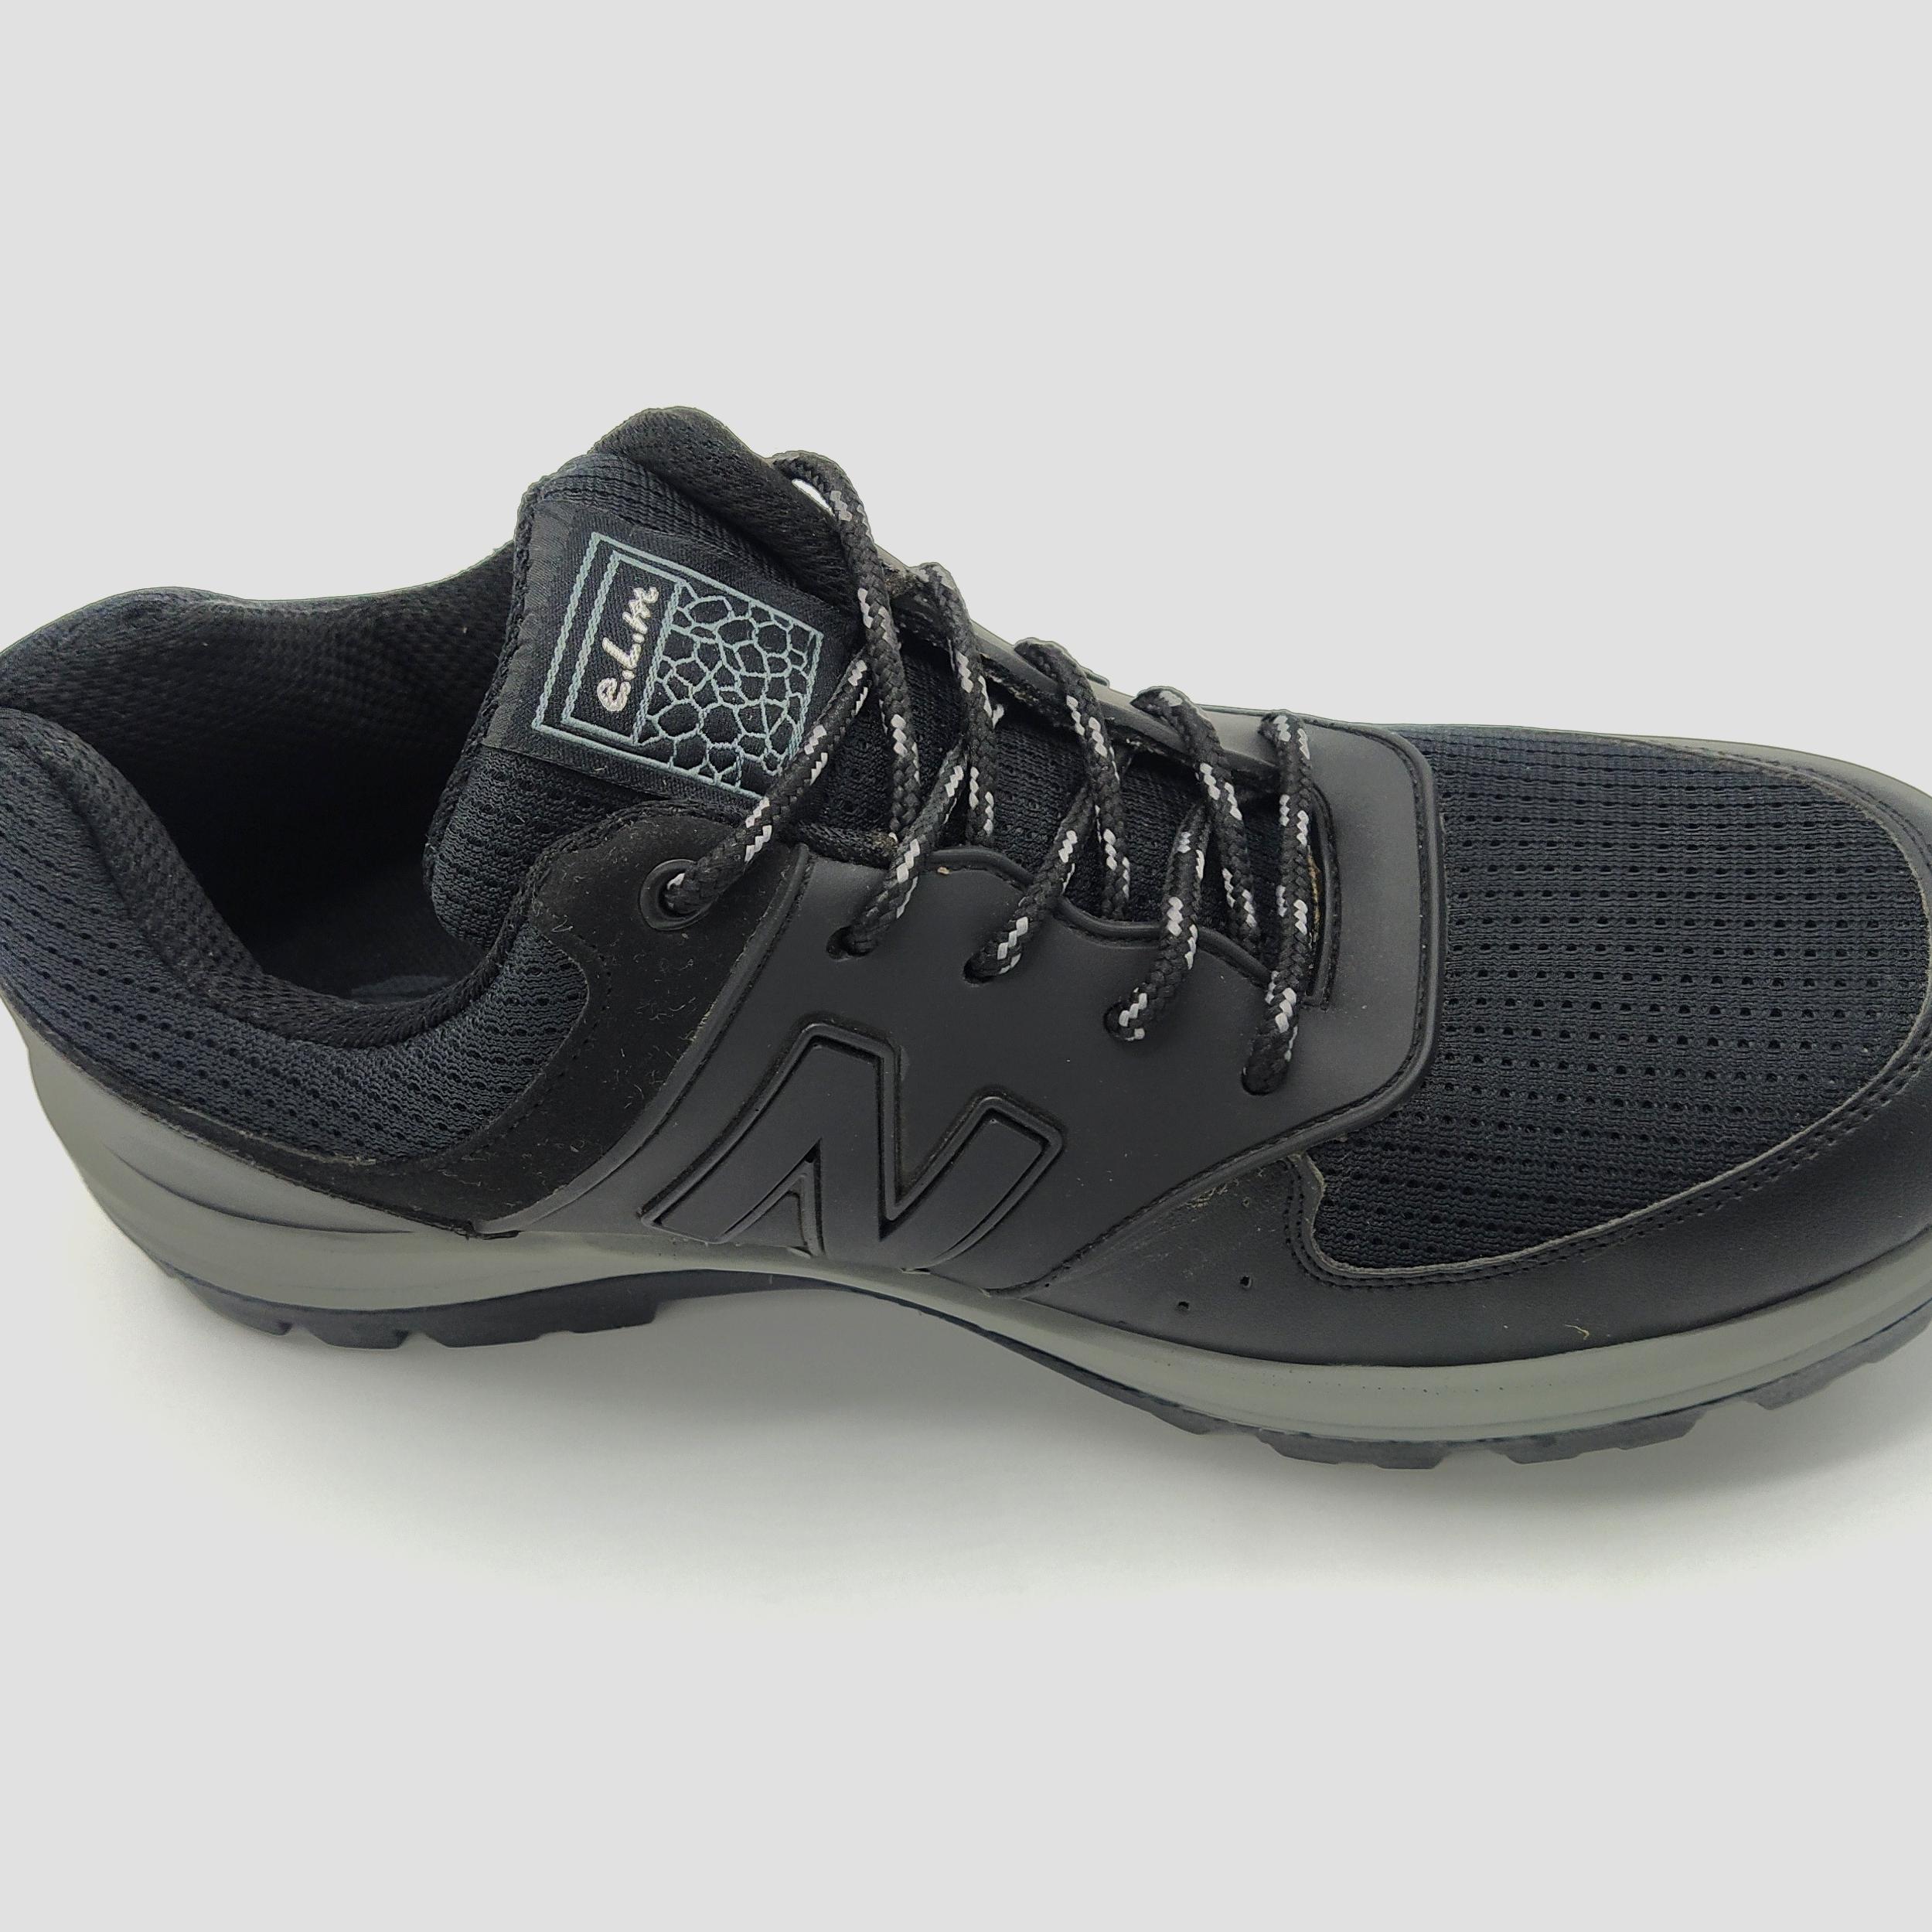 کفش پیاده روی مردانه ای ال ام مدل 1463